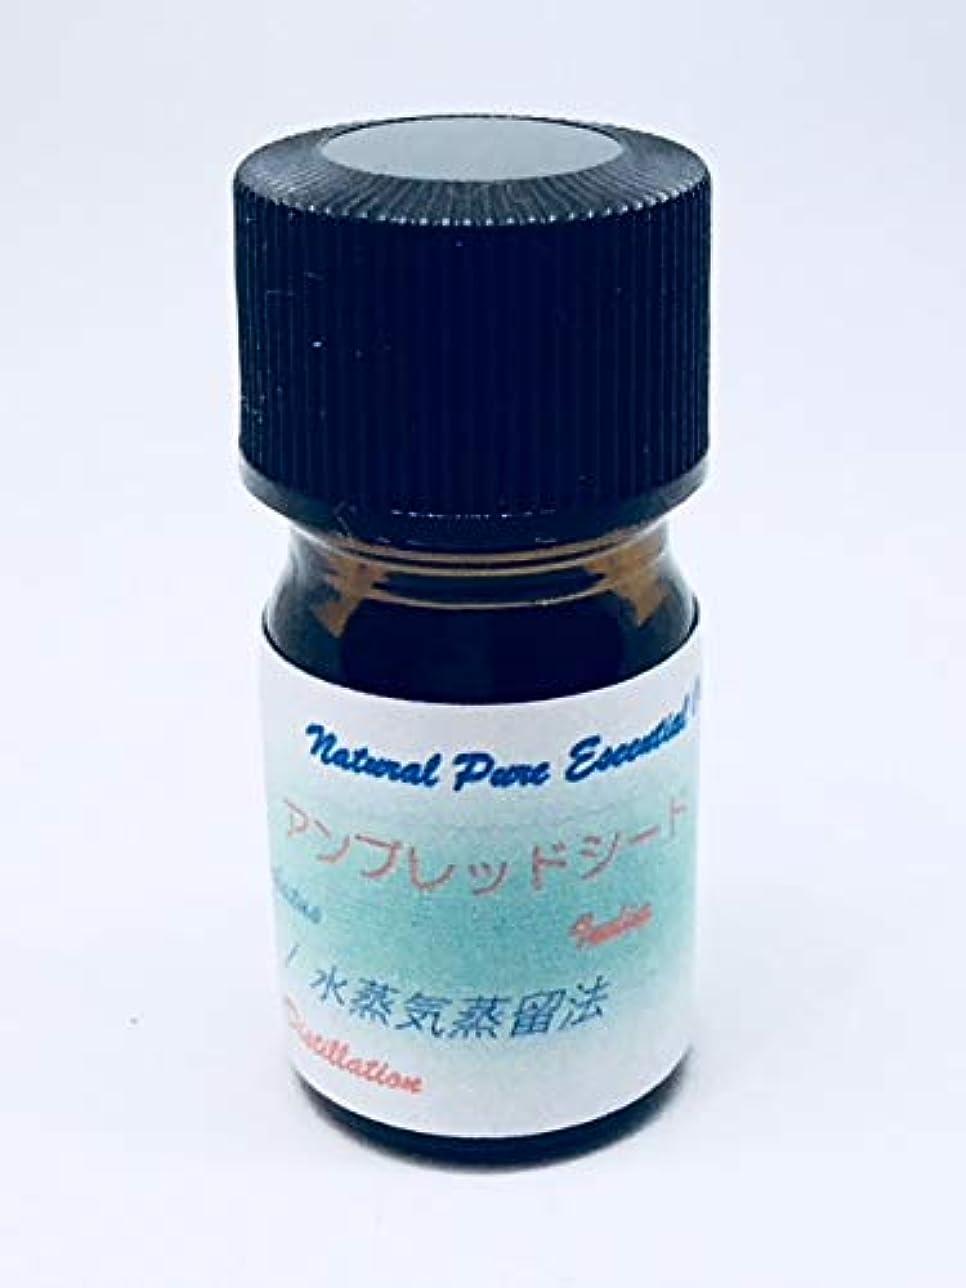 自体広範囲ヒロインアンブレッドシード(植物性ムスク)精油 3ml100%ピュアエッセンシャル